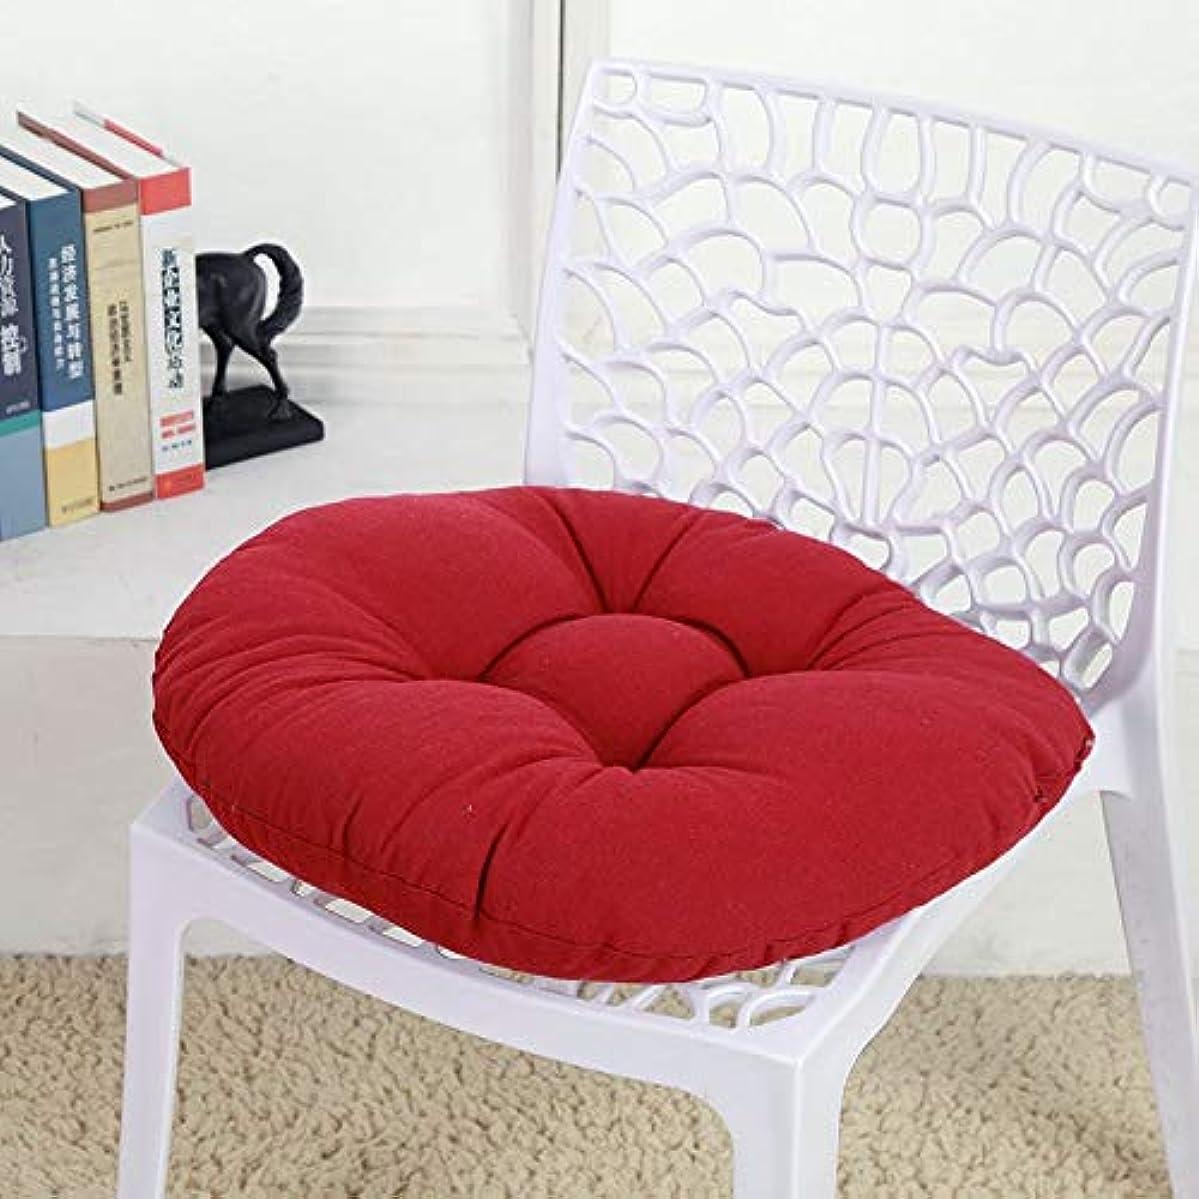 残るテセウス医薬品SMART キャンディカラーのクッションラウンドシートクッション波ウィンドウシートクッションクッション家の装飾パッドラウンド枕シート枕椅子座る枕 クッション 椅子